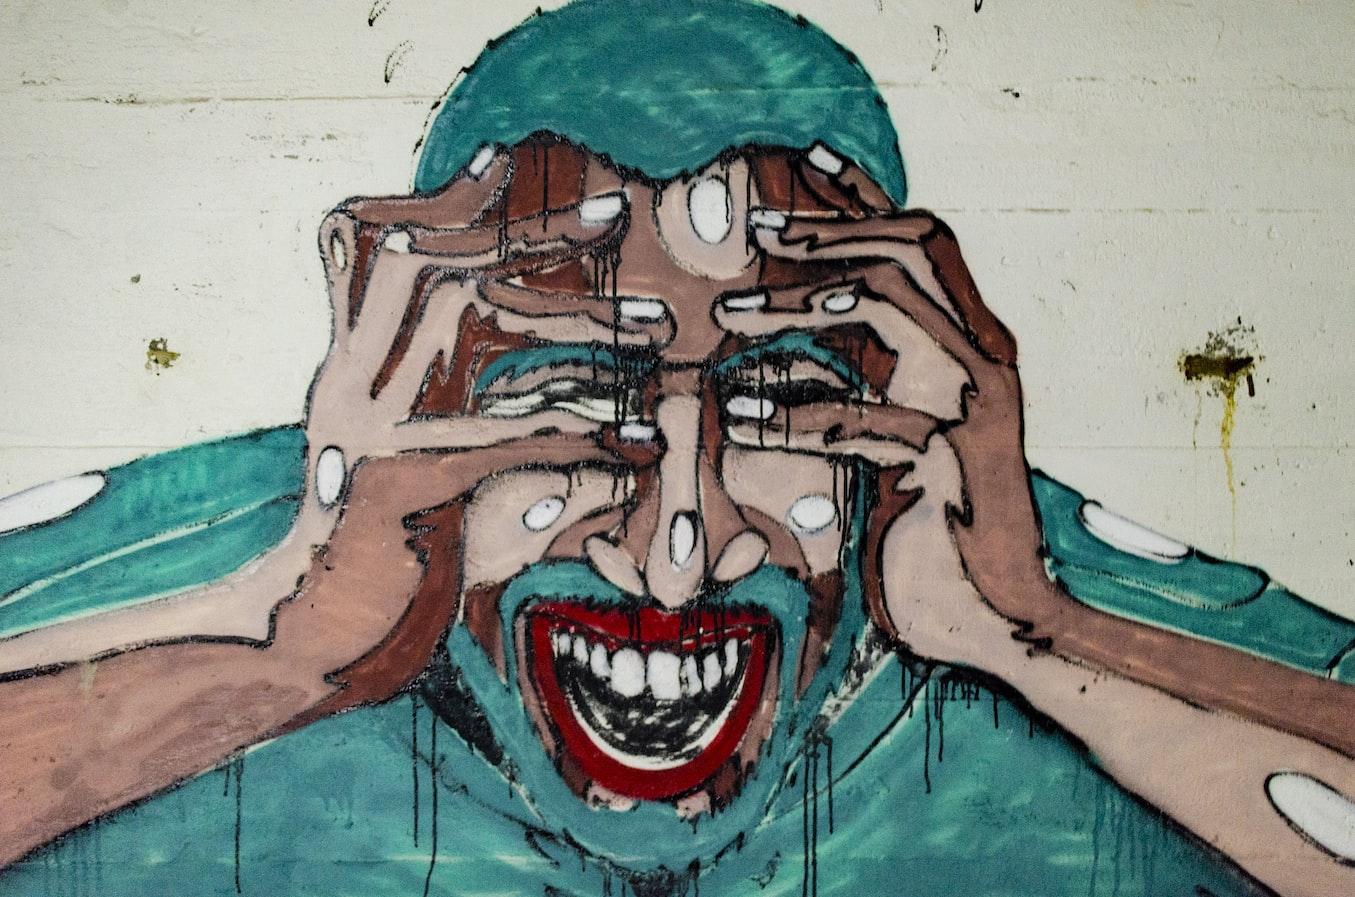 Grafitti muže v bolesti s rukama na obličeji.